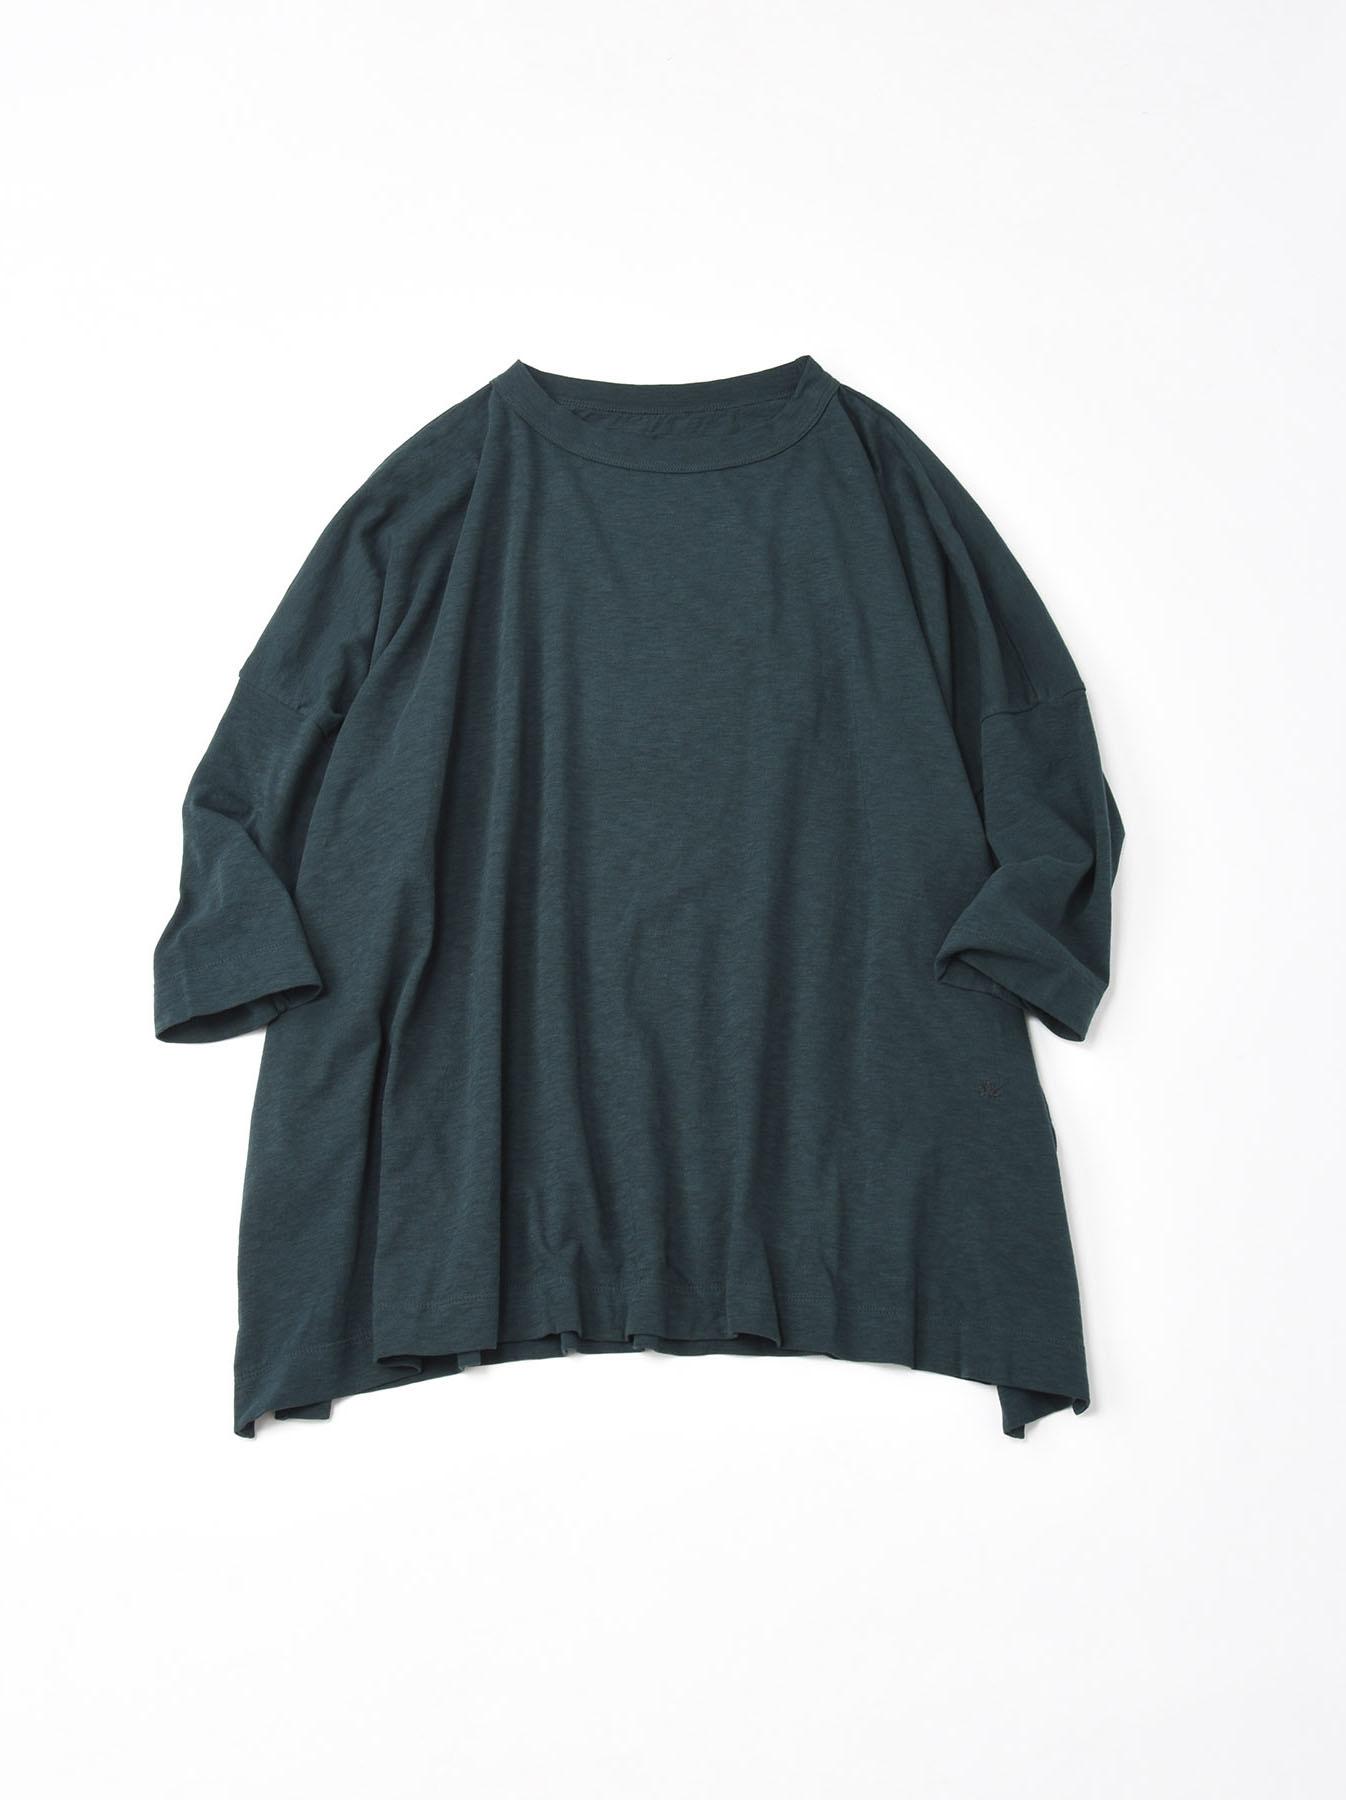 Zimbabwe Cotton New 45 Star Big T-shirt-4